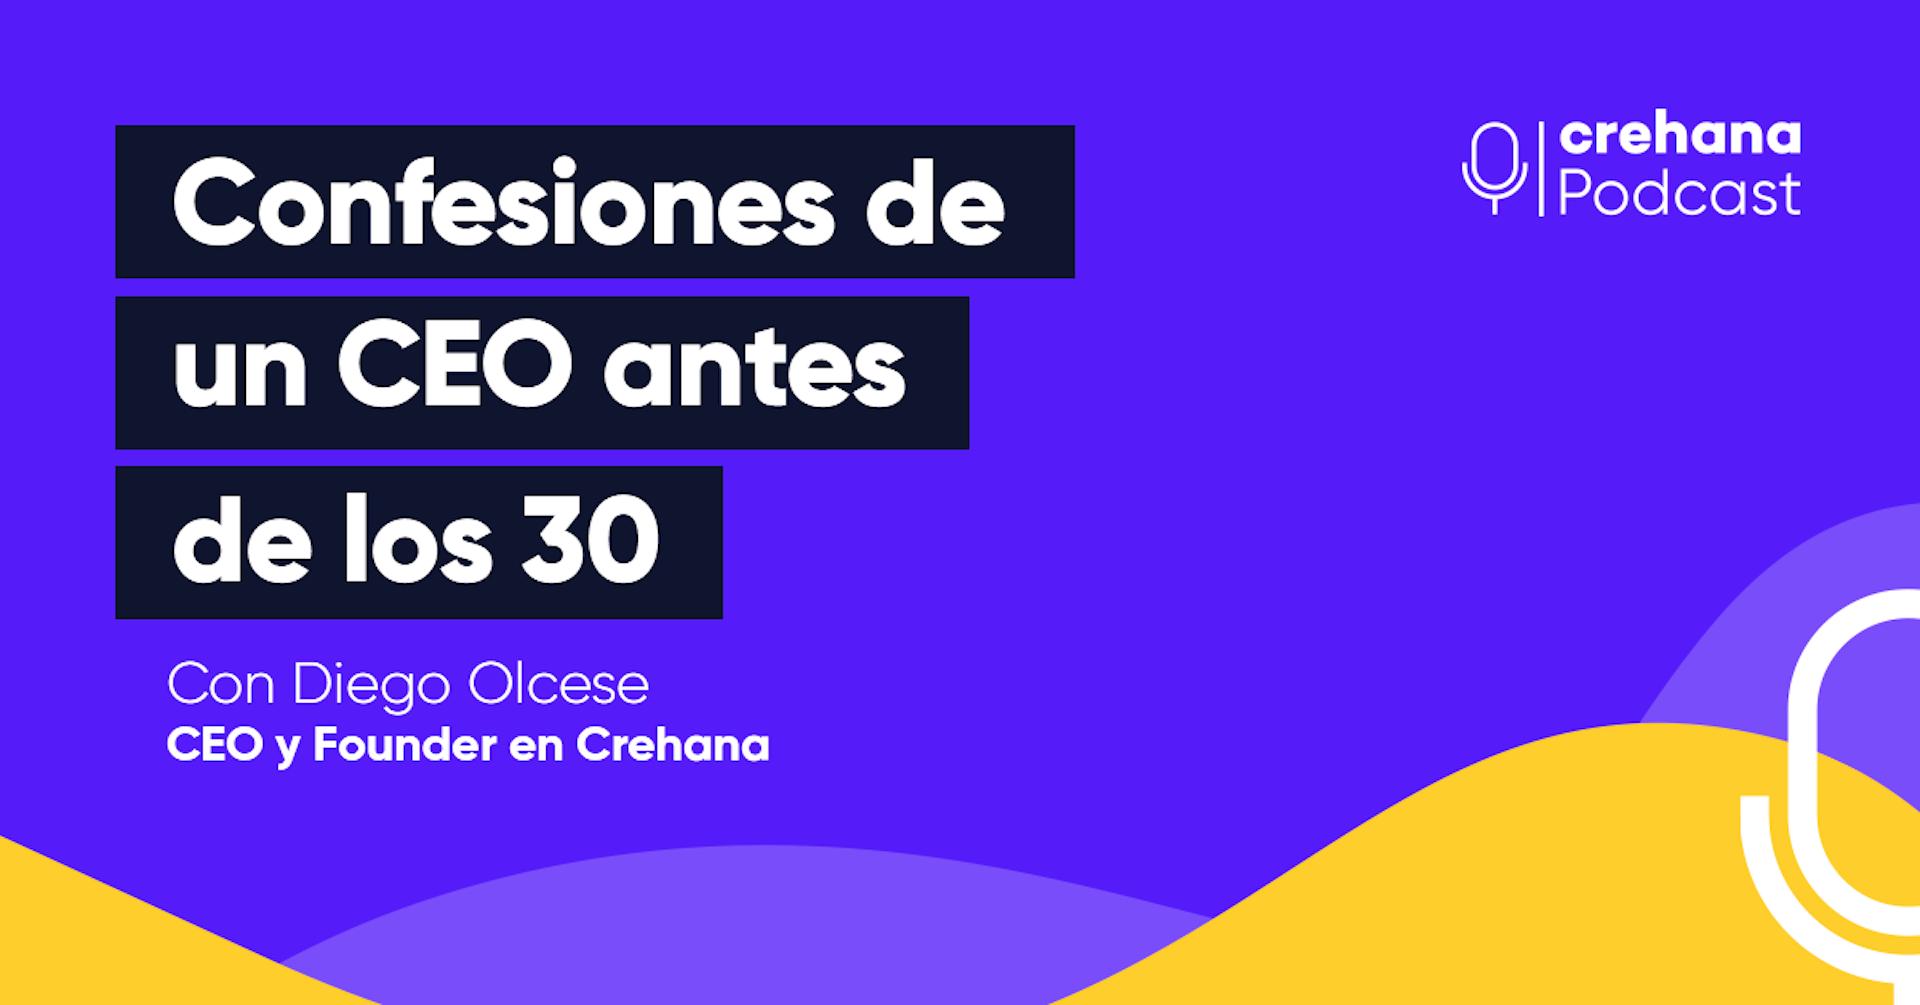 Crehana Podcast: Confesiones de un CEO antes de los 30